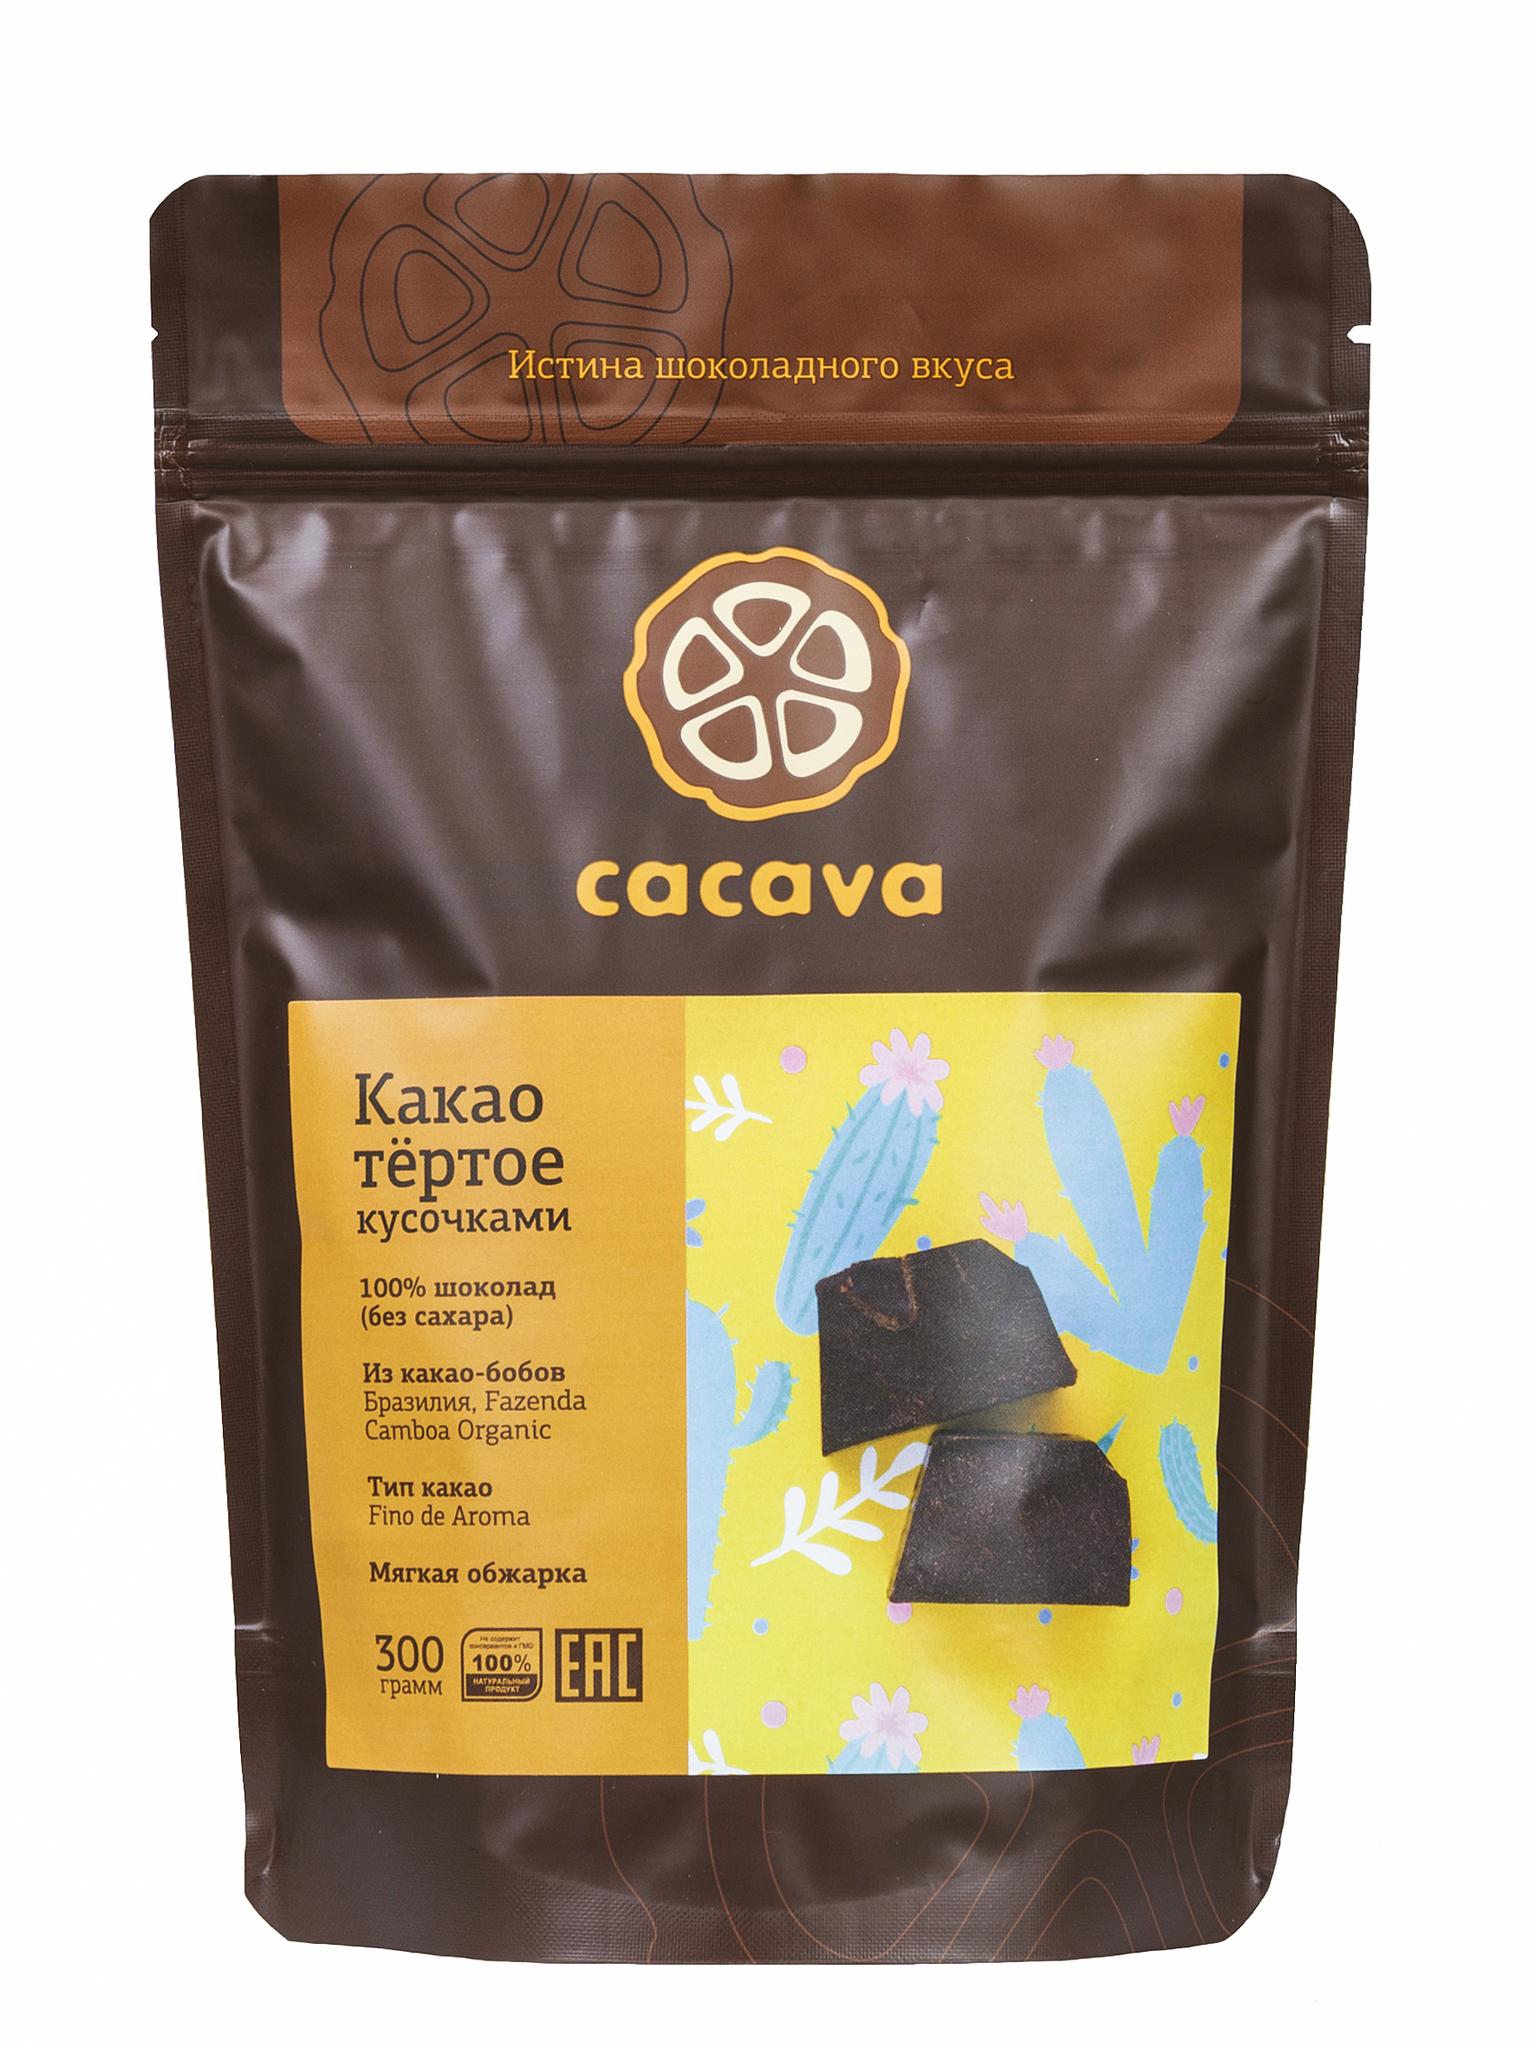 Какао тёртое кусочками (Бразилия, Fazenda Camboa), упаковка 300 грамм